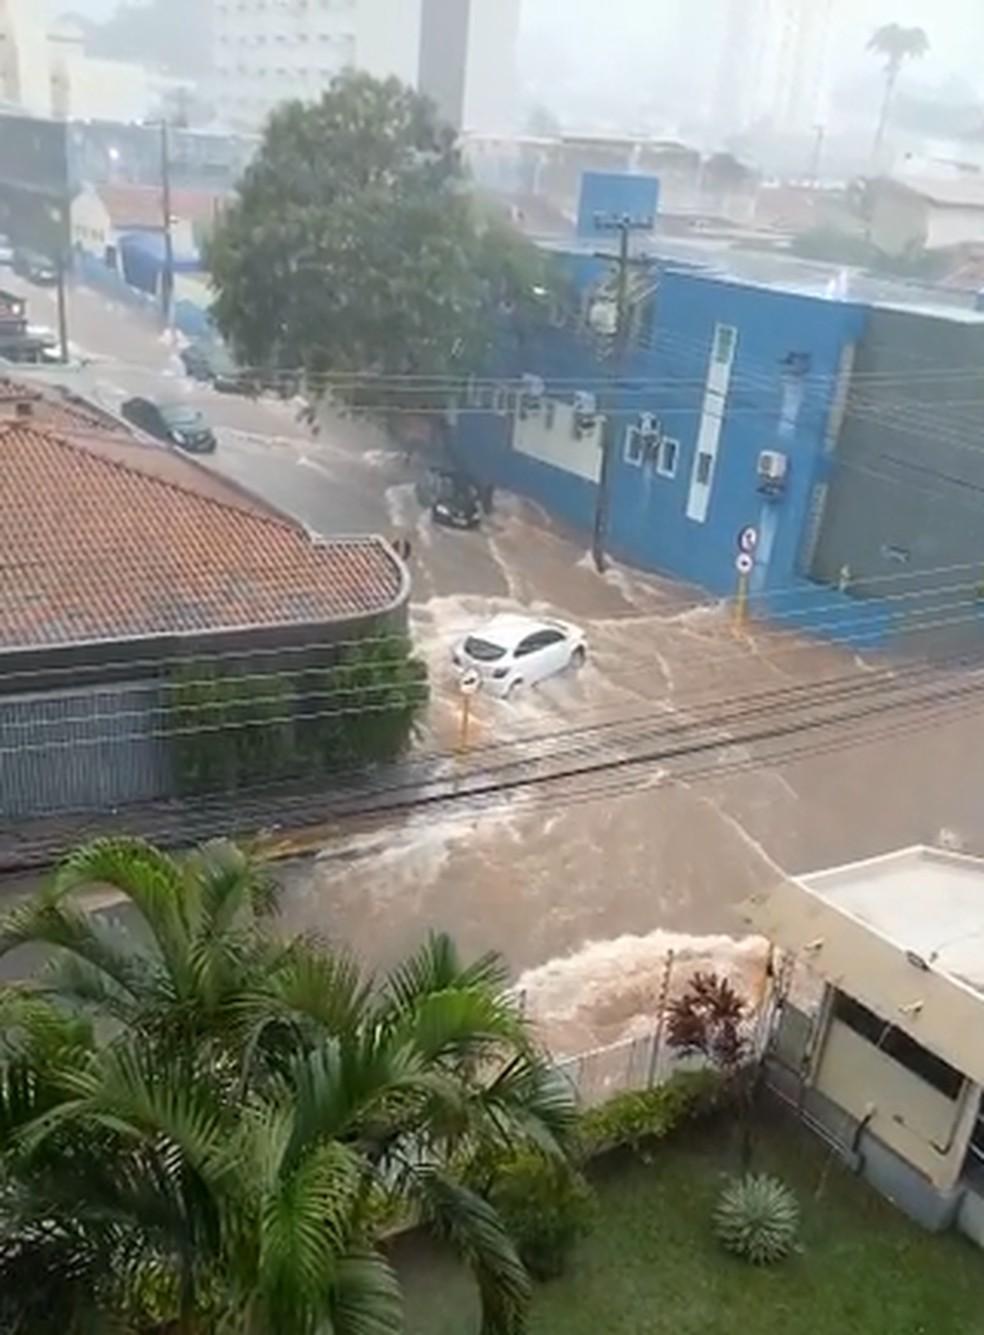 Moradores registraram carros sendo arrastados durante chuva em Bauru (SP) nesta quinta-feira (17) — Foto: Reprodução/ TV TEM